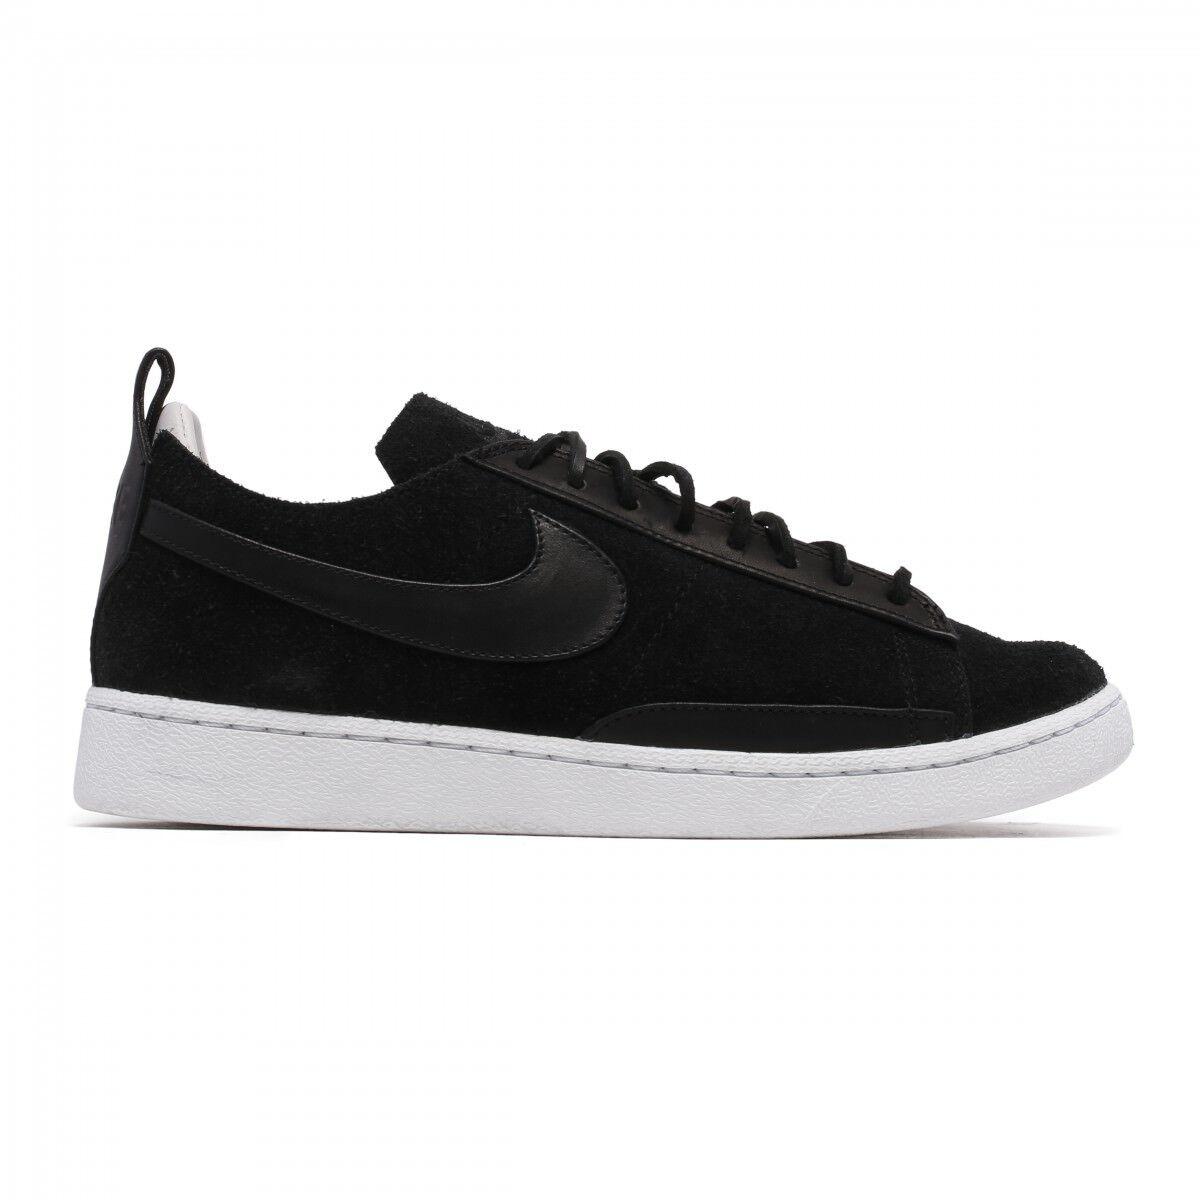 Nike blazer basso in edizione limitata di cs tc nero / bianco nero aa1057 001